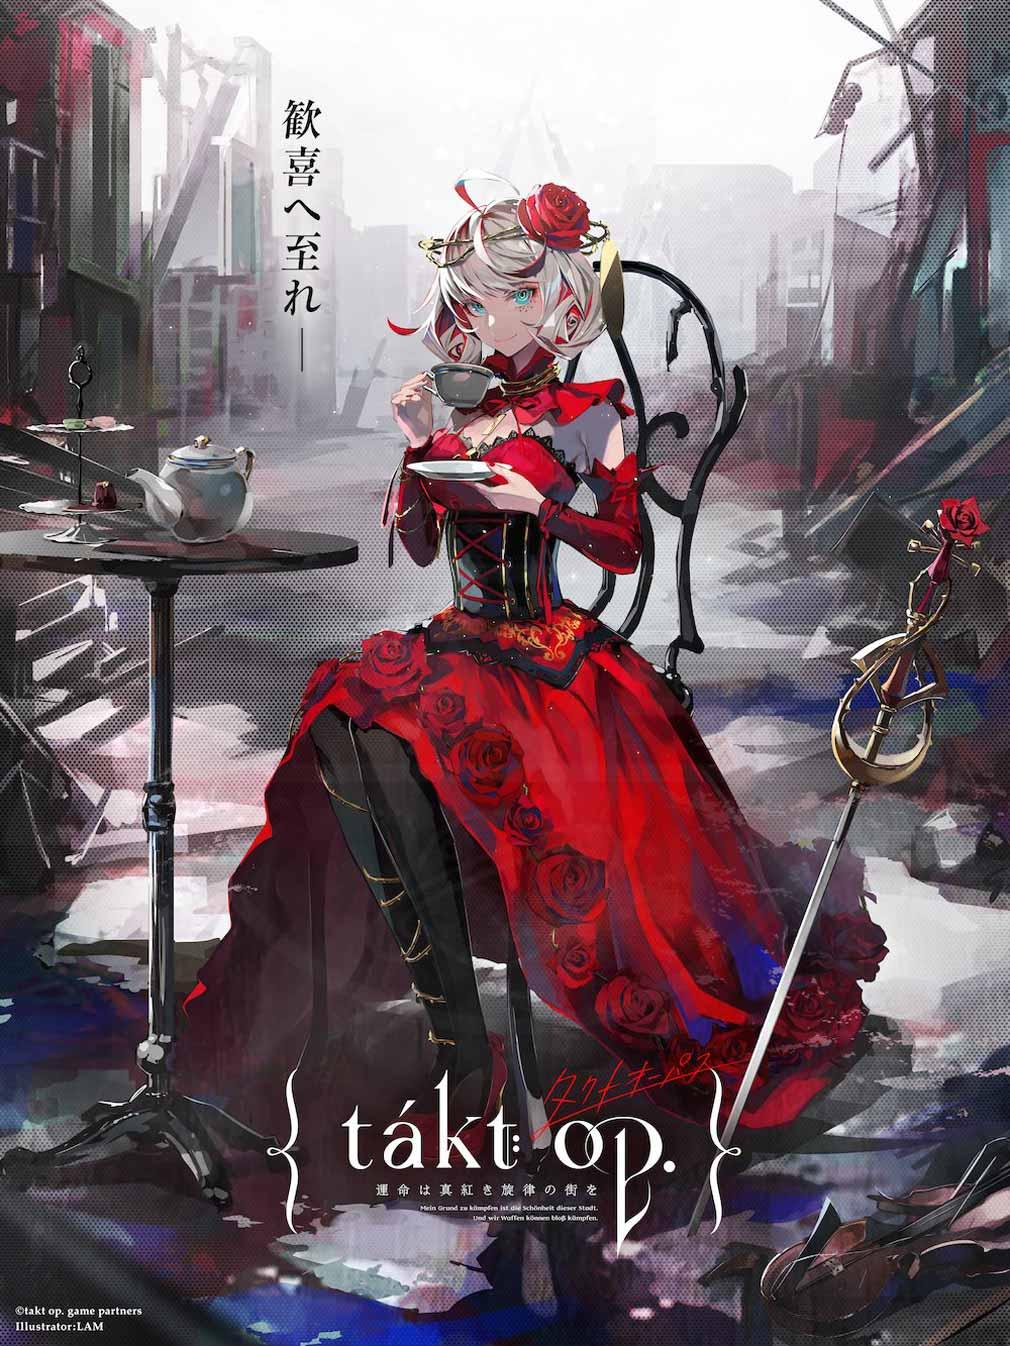 takt op(タクトオーパス) 新キービジュアル